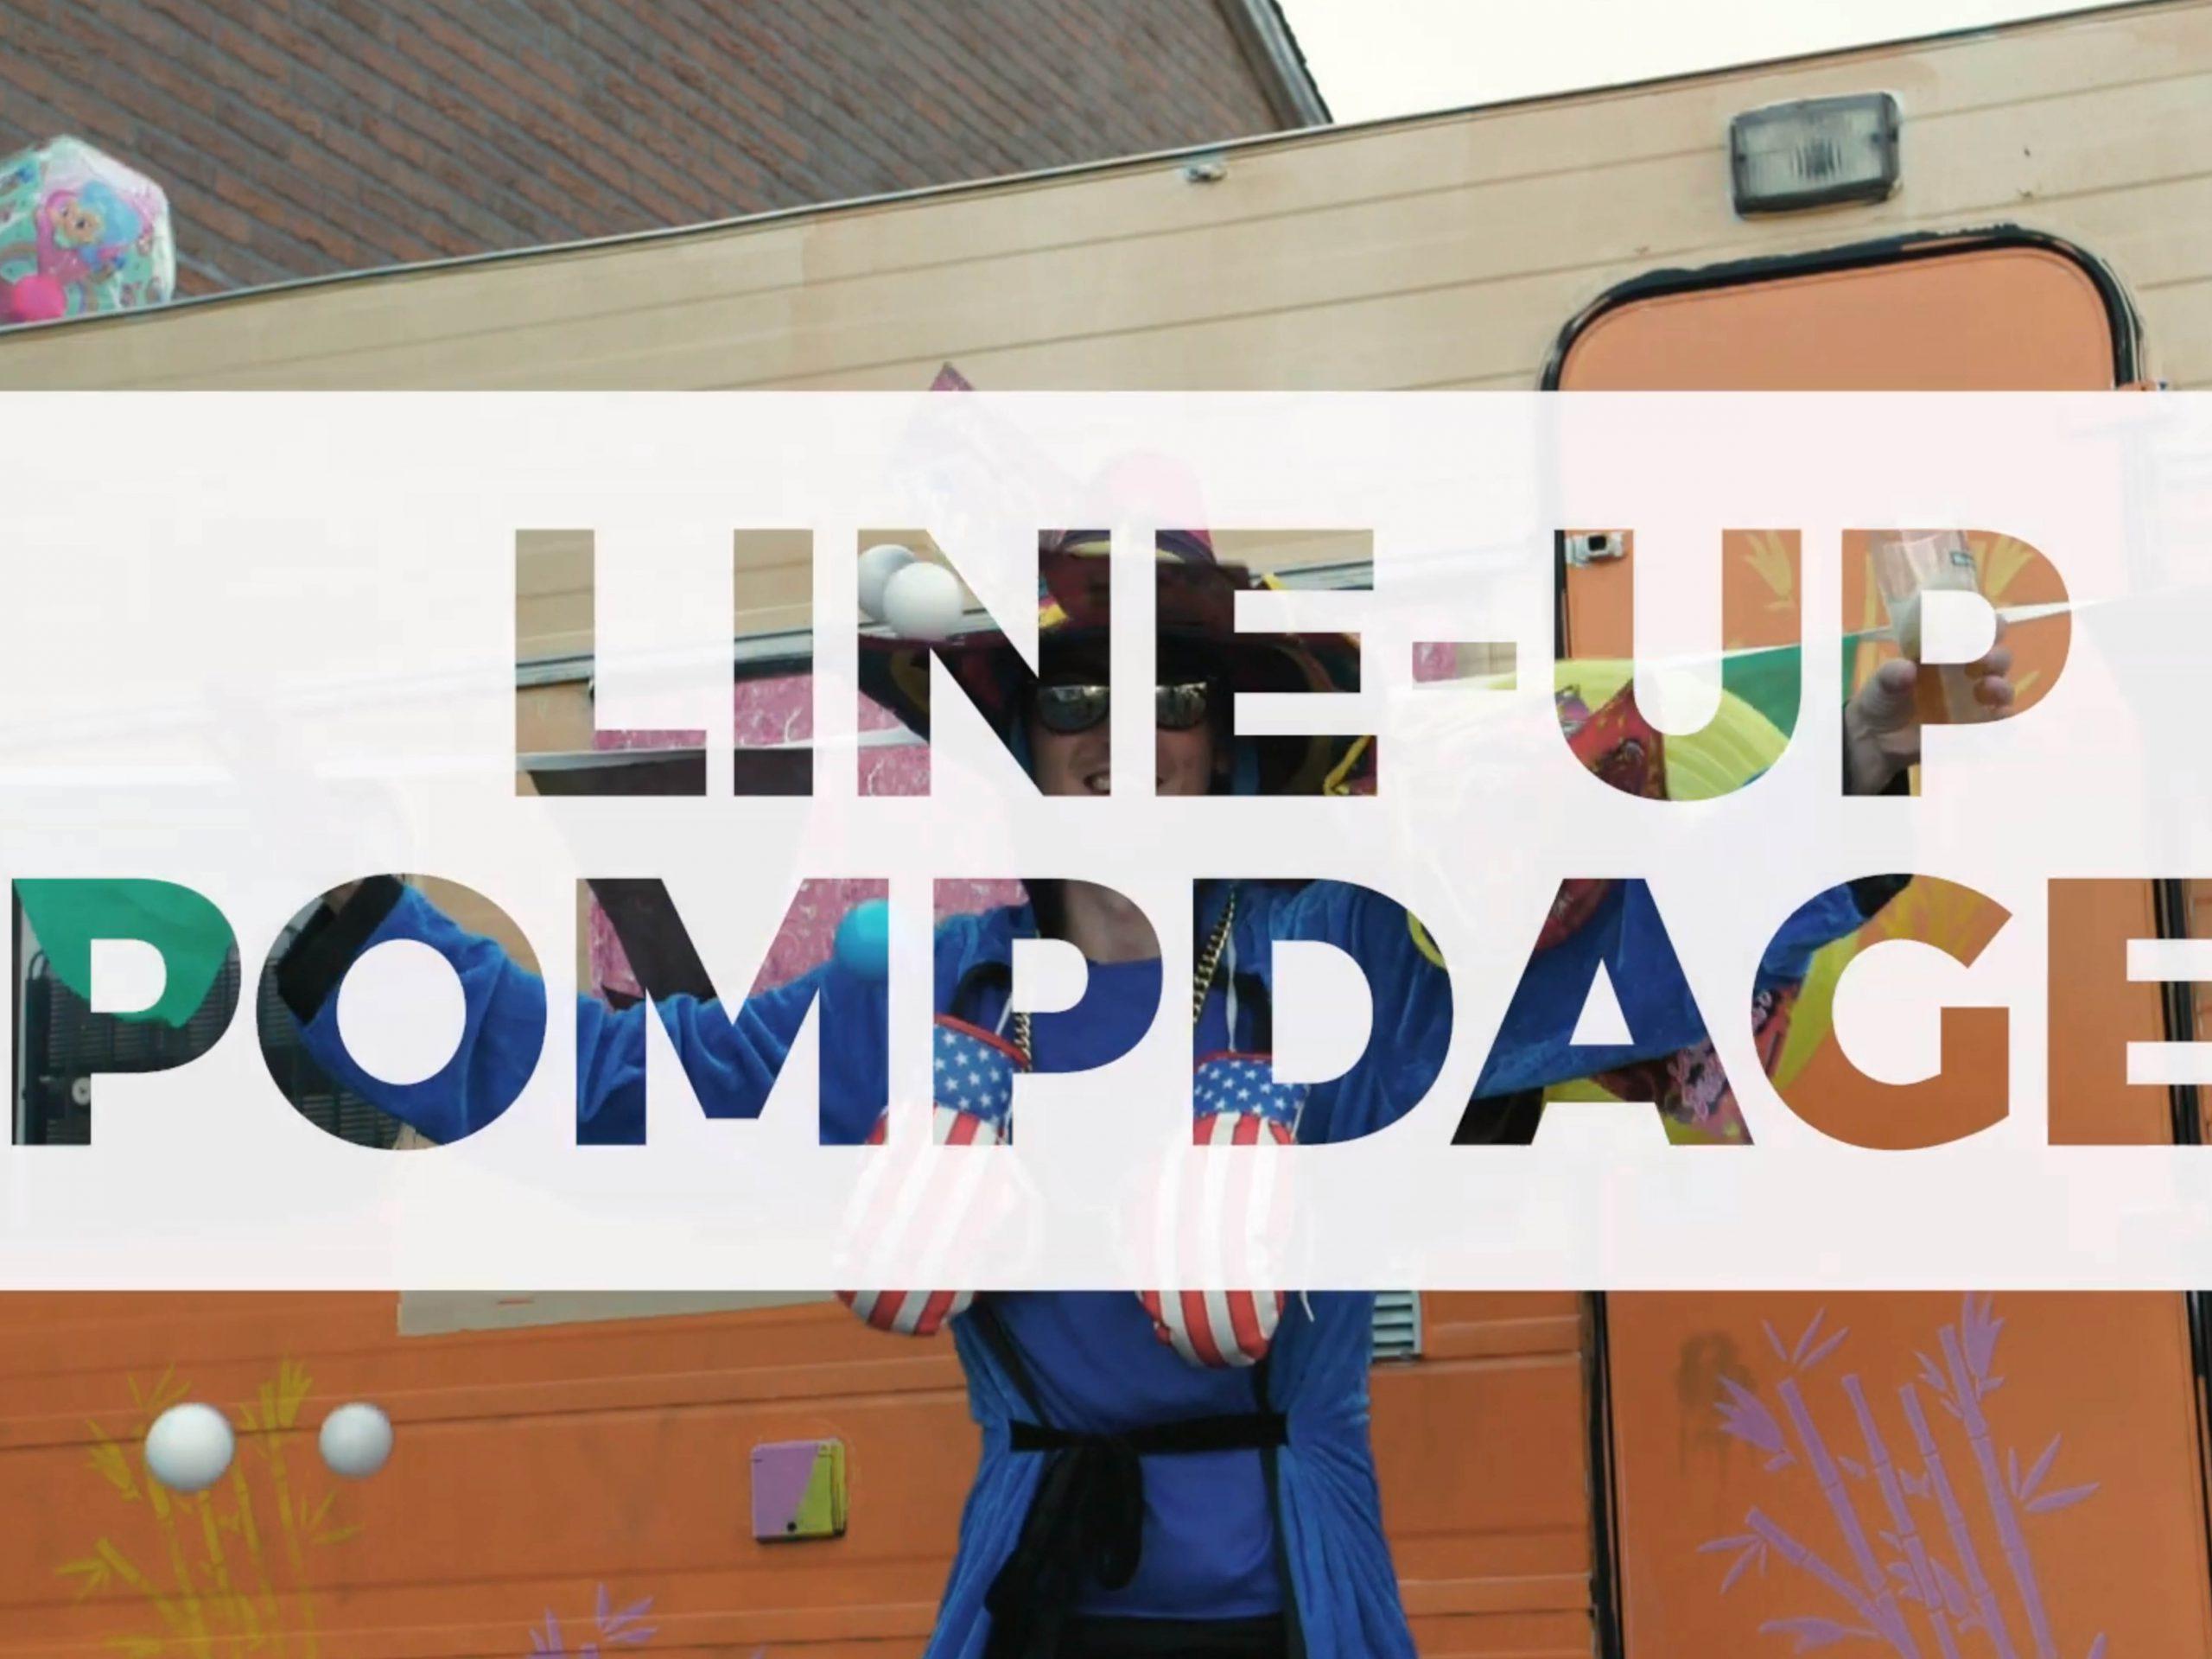 line up promotievideo evenement pompdagen